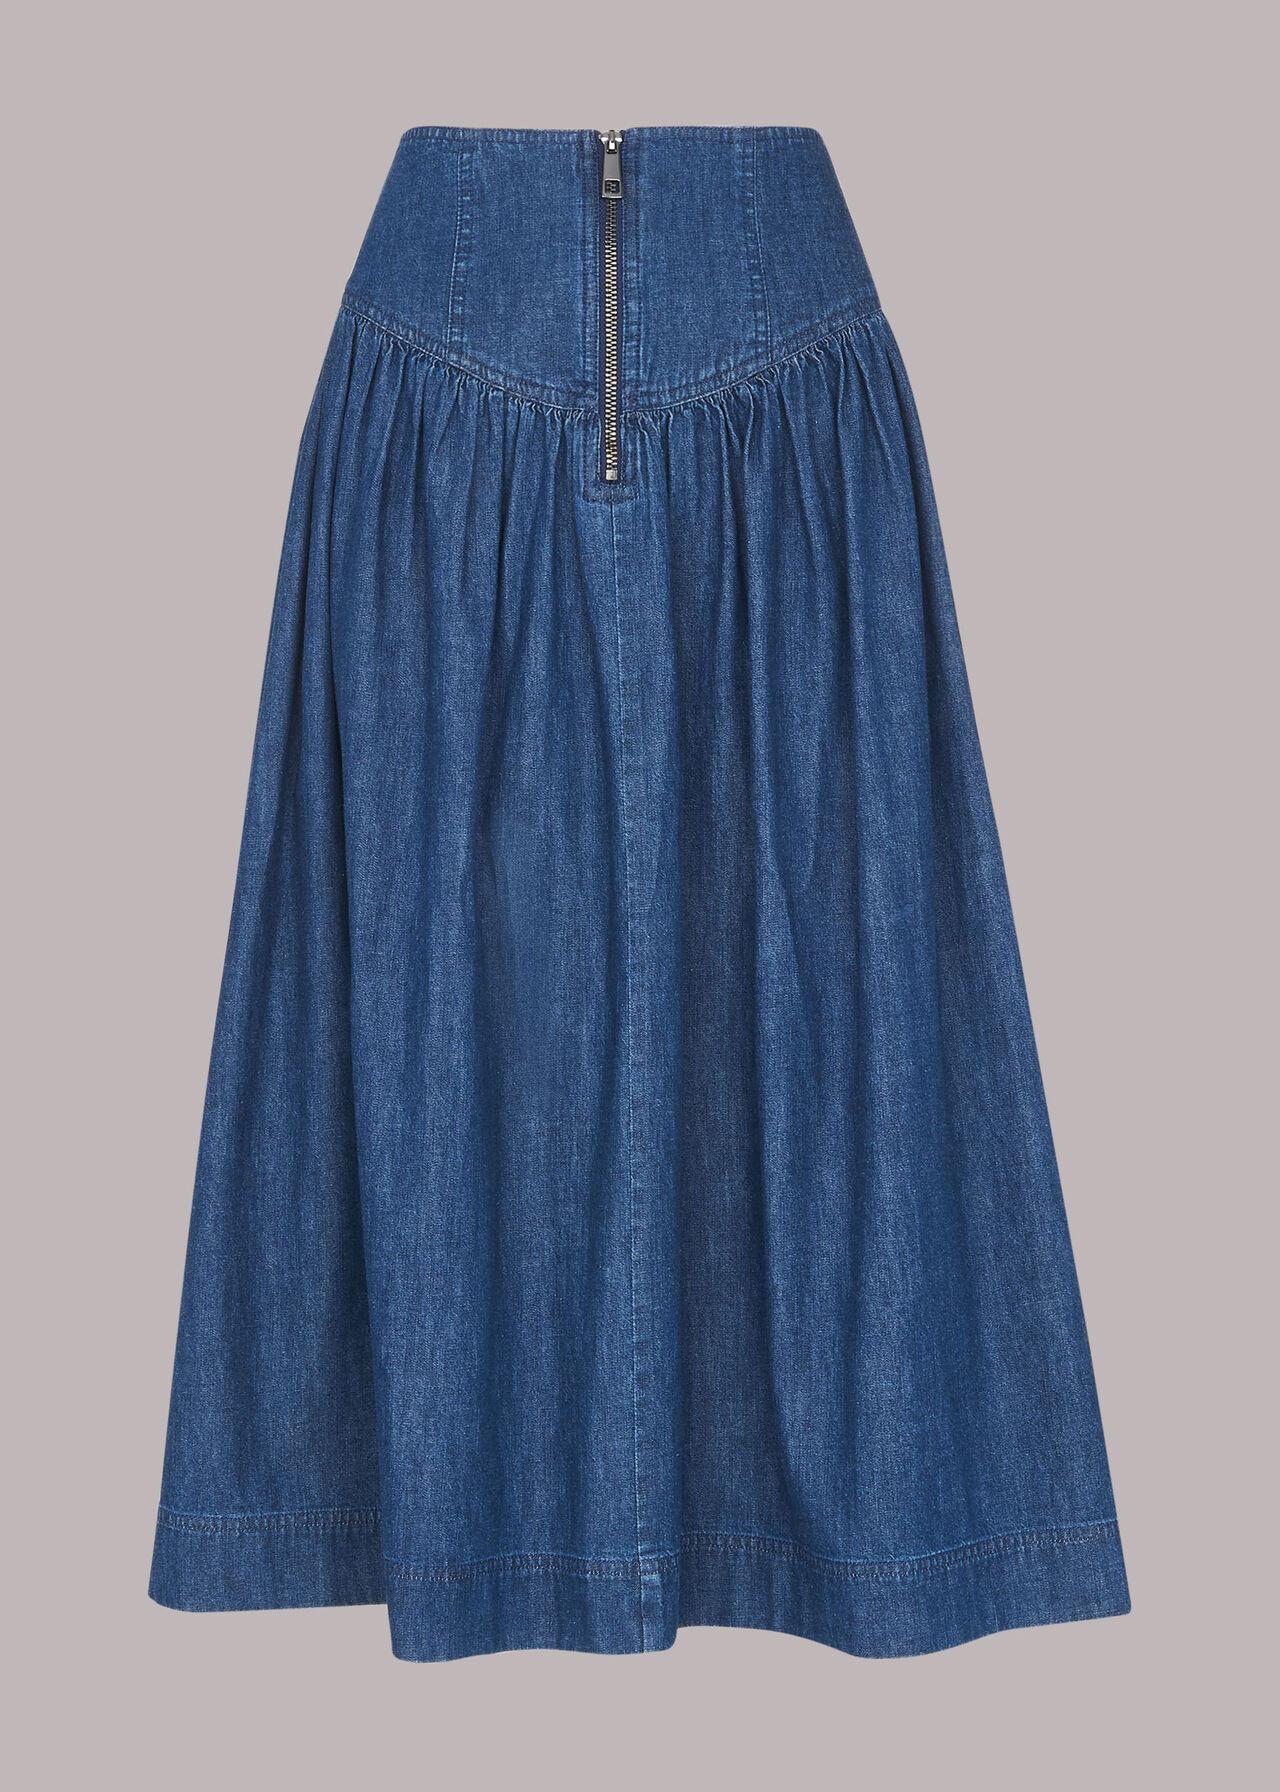 Zip Detail Chambray Midi Skirt